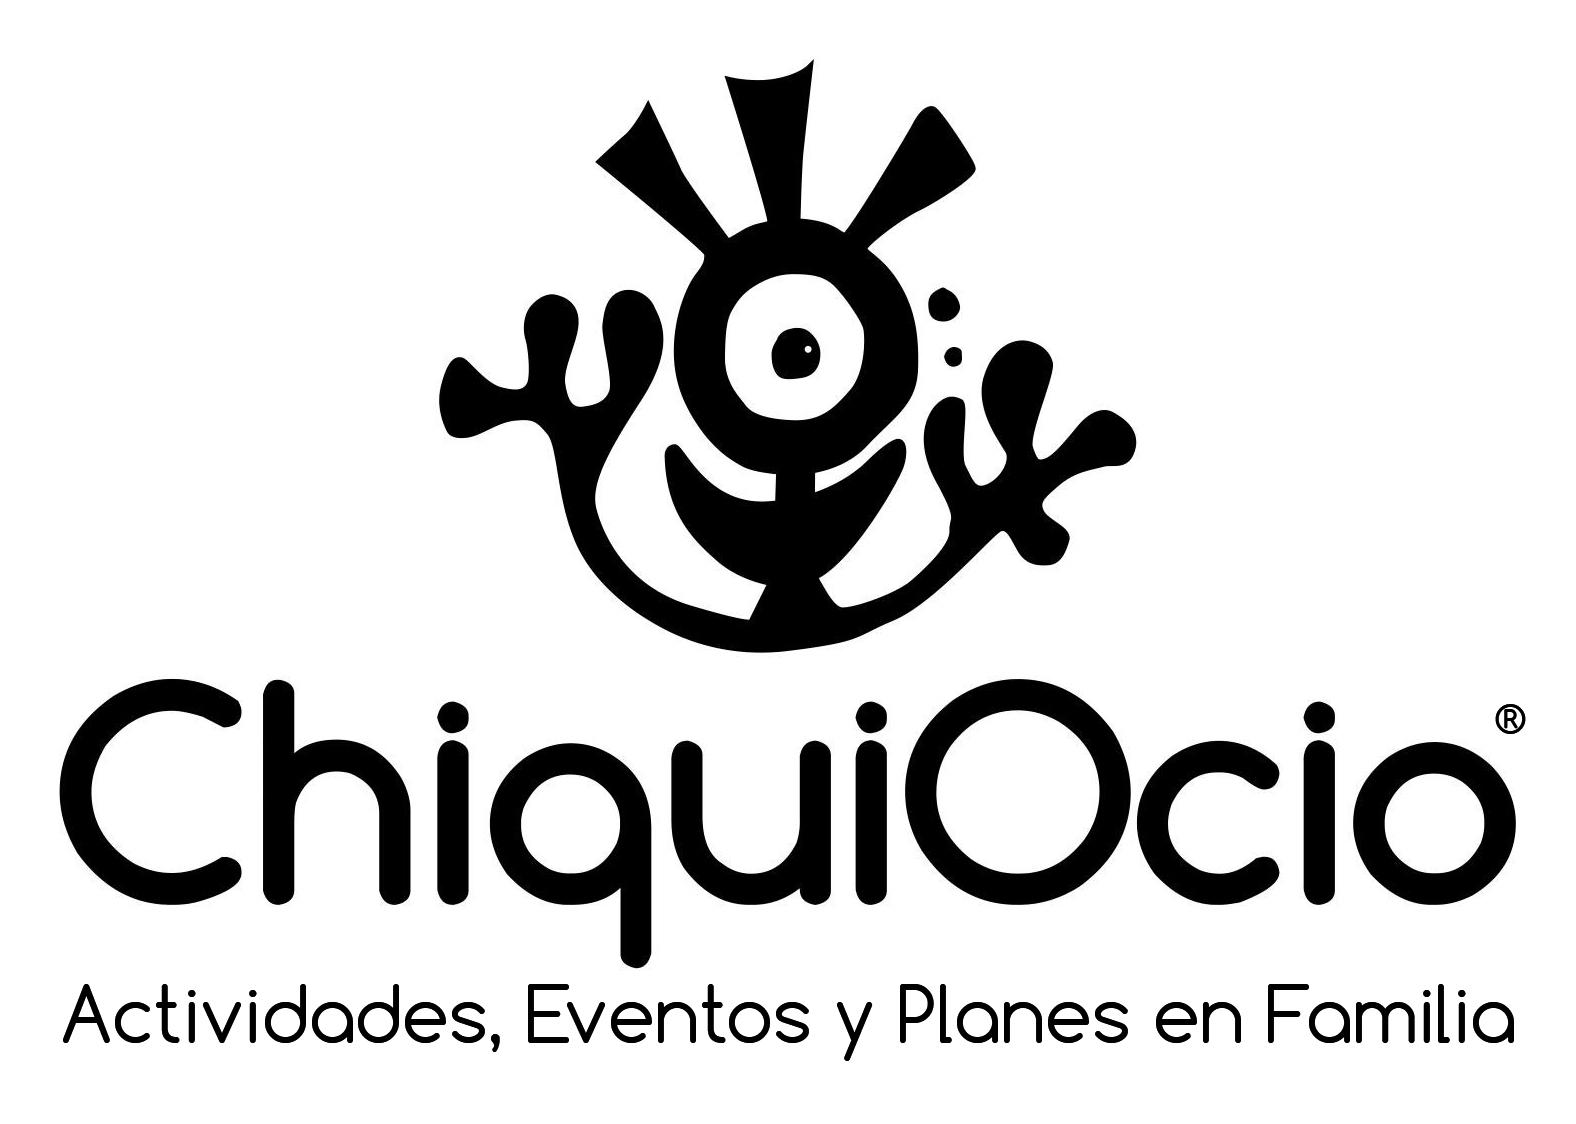 CHIQUIOCIO ADS